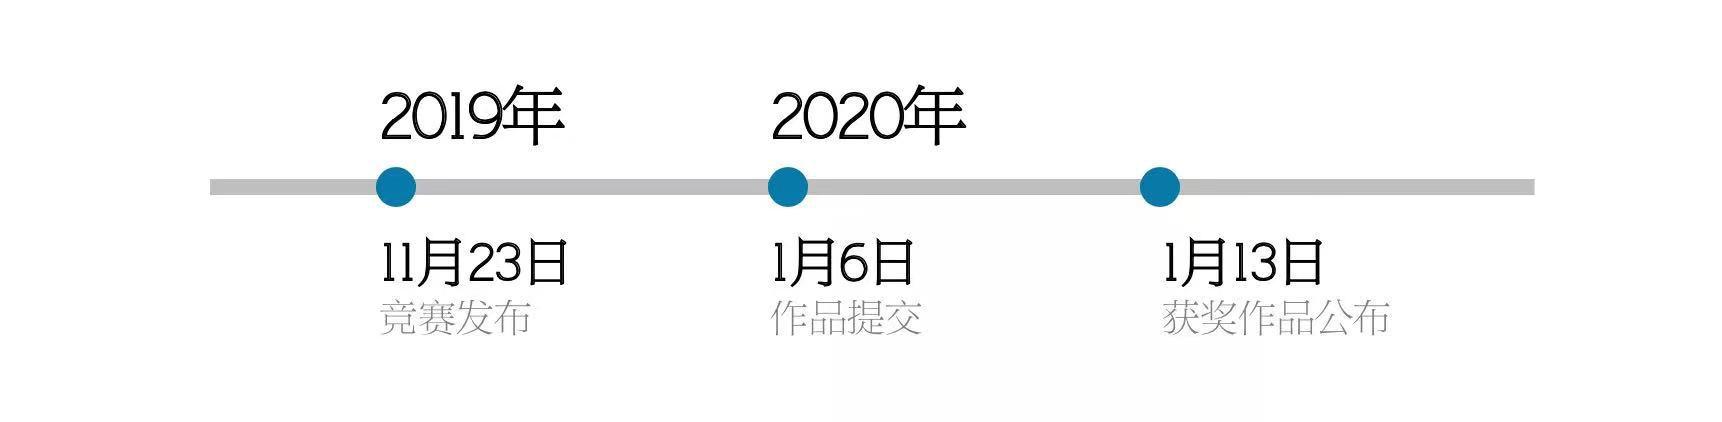 四川眉山丹棱幸福古村建筑竞赛设计开始啦!